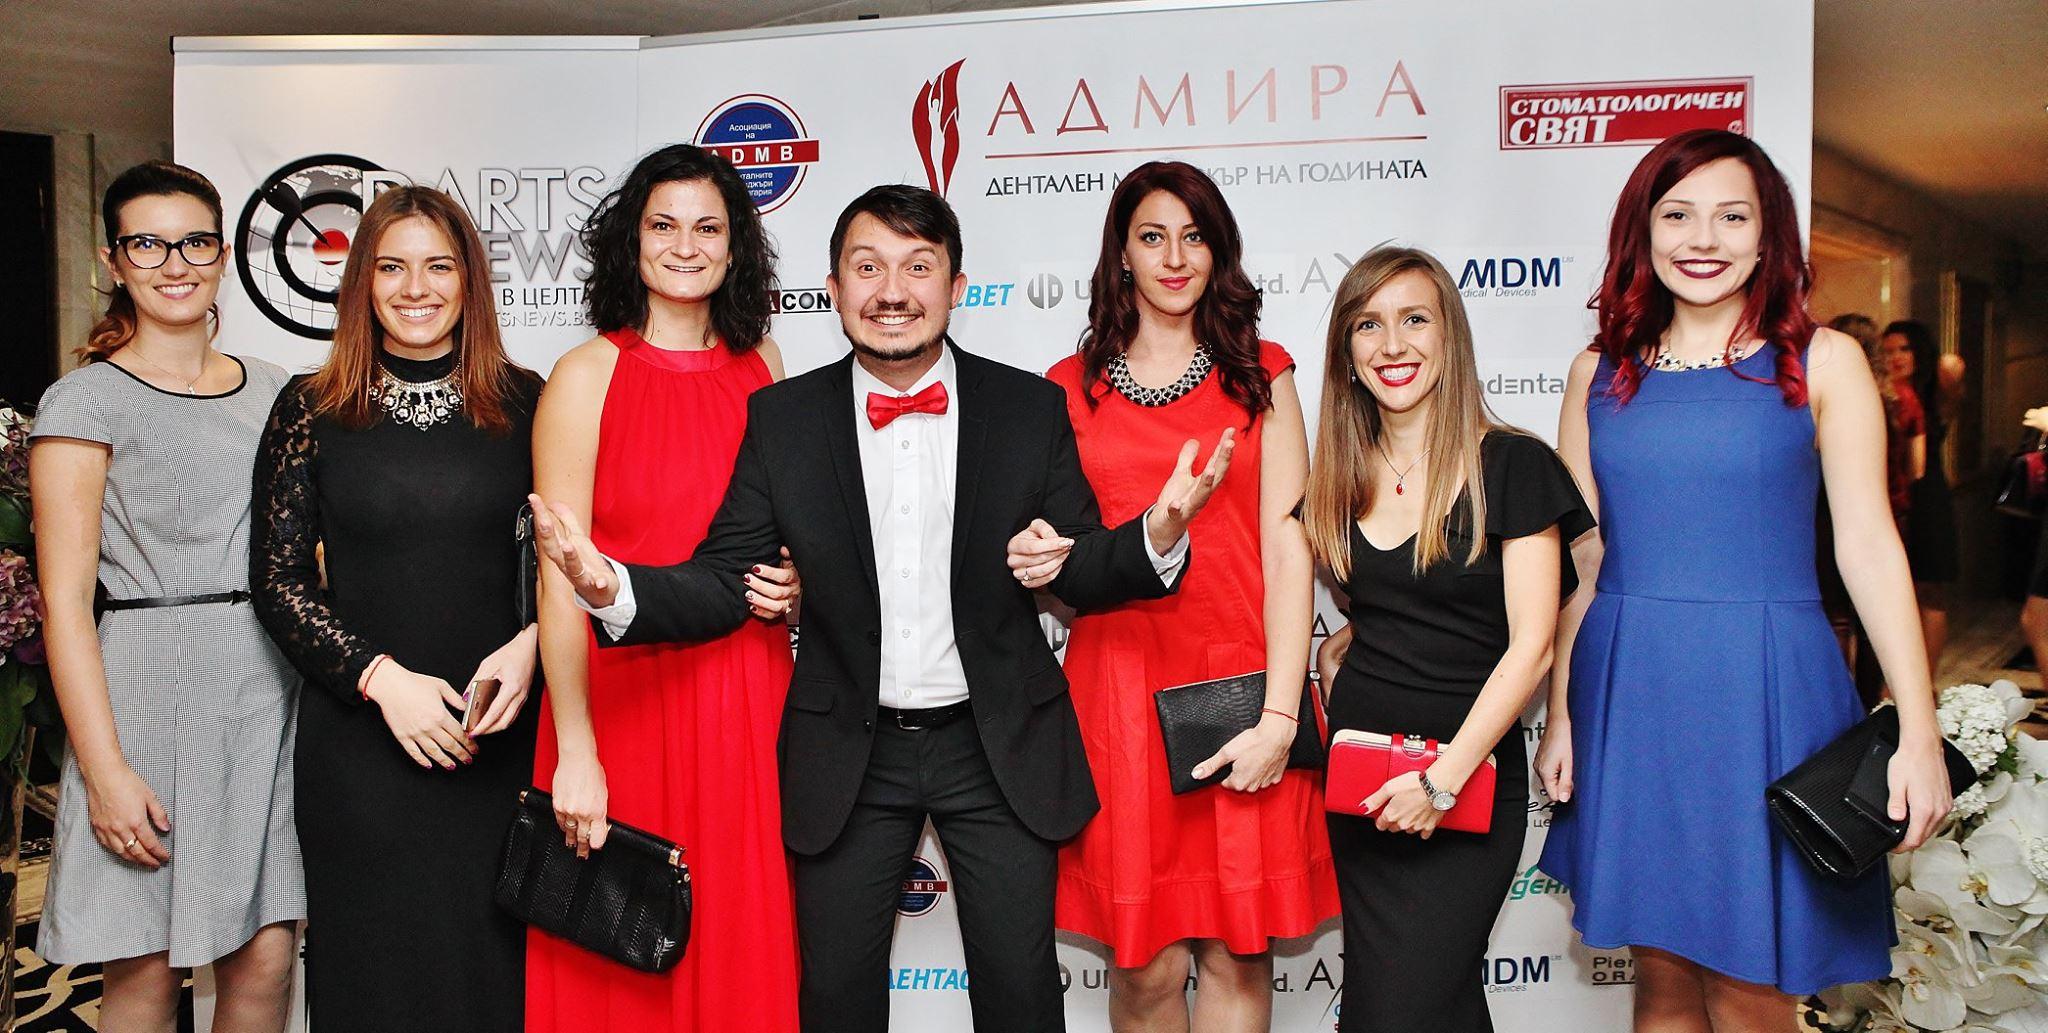 """Damyanov dental Награда за """"Дентална практика с ясен фокус и визия за бъдещето"""" Дентална практика"""